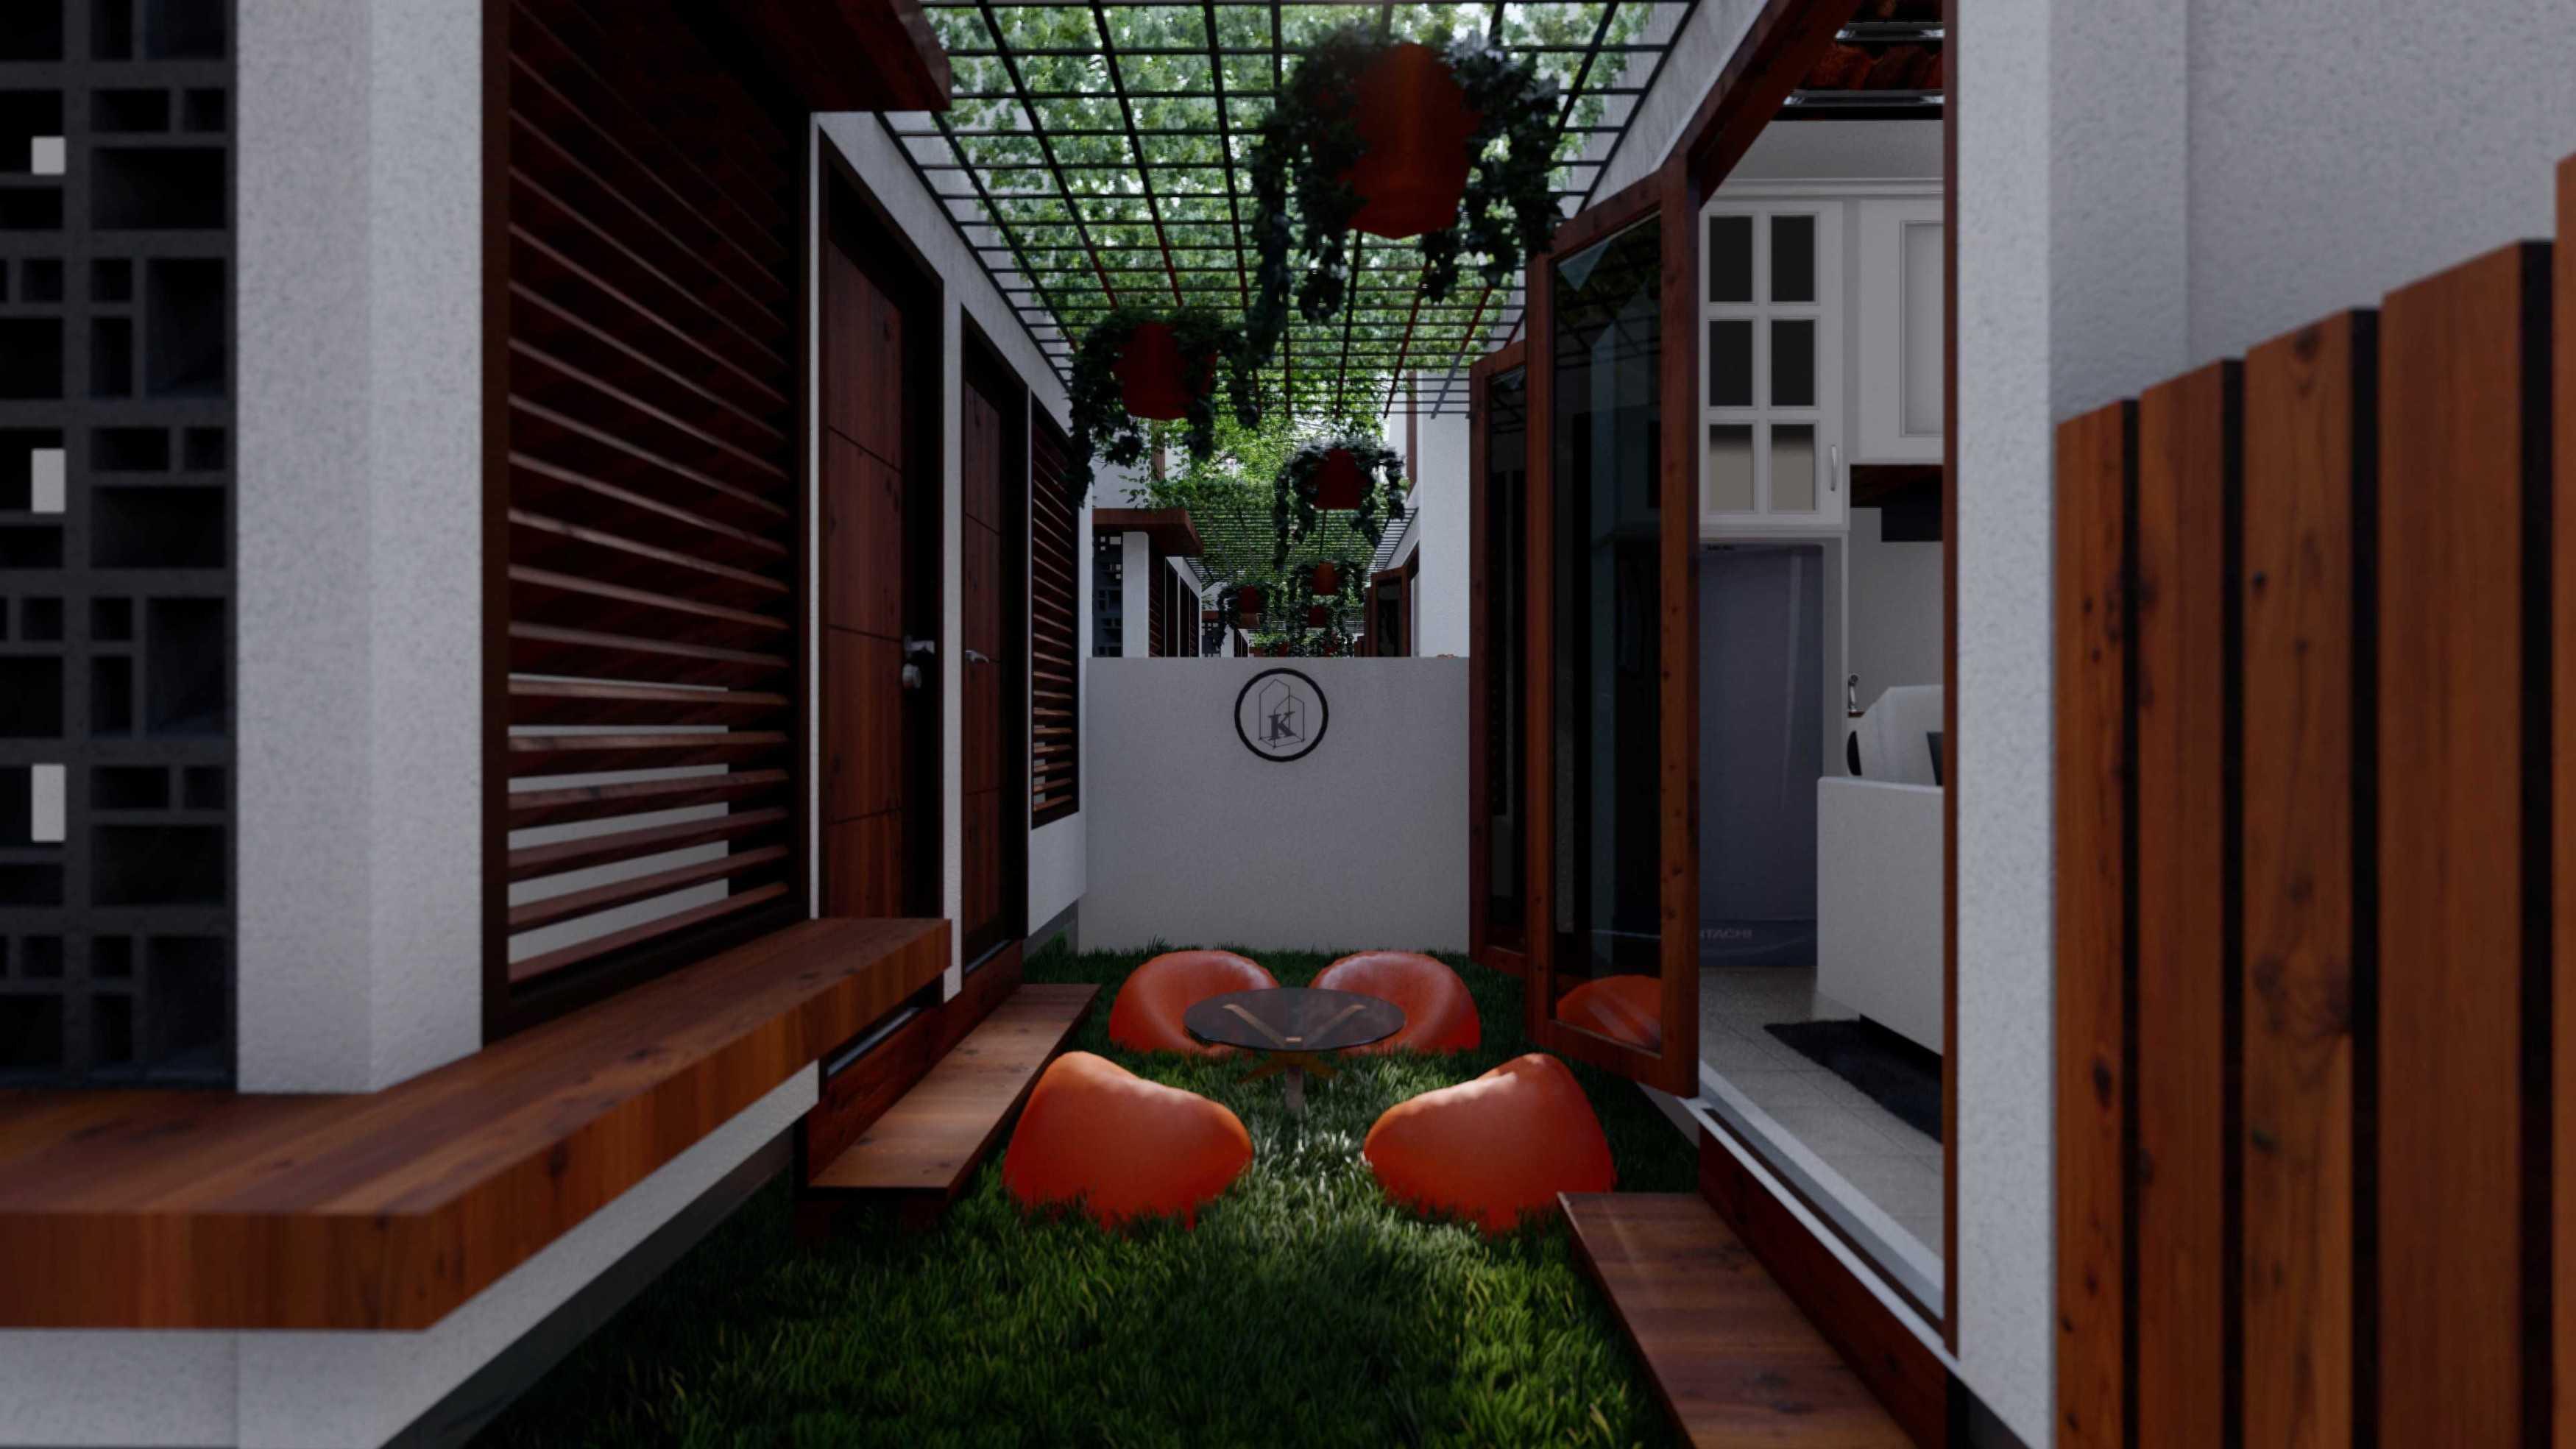 """Kenali's Studio """"inside Out"""" Rumah Subsidi 2018 Blok G9 No.2, 50212, Gang Sumber Muiyo Raya, Kedungpane, Mijen, Kedungpane, Mijen, Semarang City, Central Java 50275, Indonesia Blok G9 No.2, 50212, Gang Sumber Muiyo Raya, Kedungpane, Mijen, Kedungpane, Mijen, Semarang City, Central Java 50275, Indonesia Kenalis-Studio-Inside-Out-Rumah-Subsidi-2018   101838"""